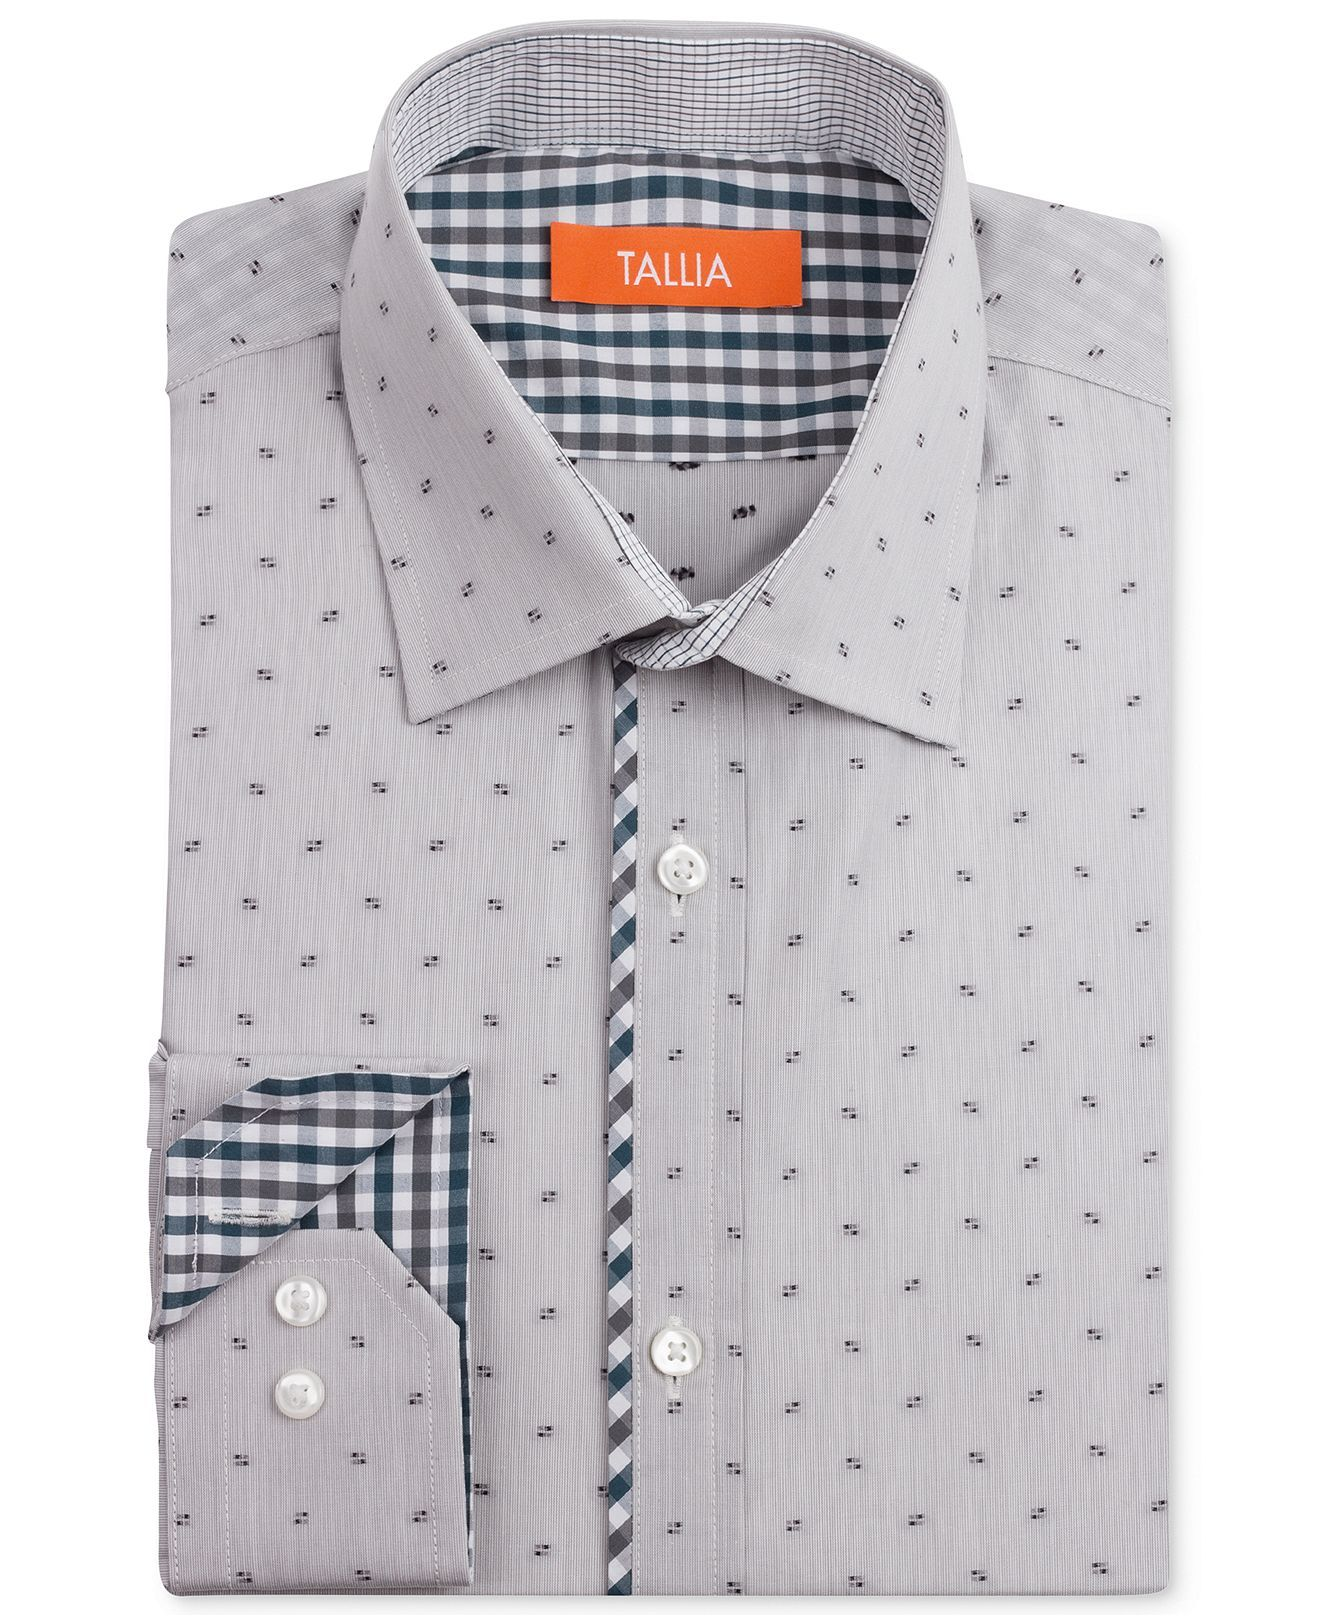 5236fbbd9f Tallia Dress Shirt